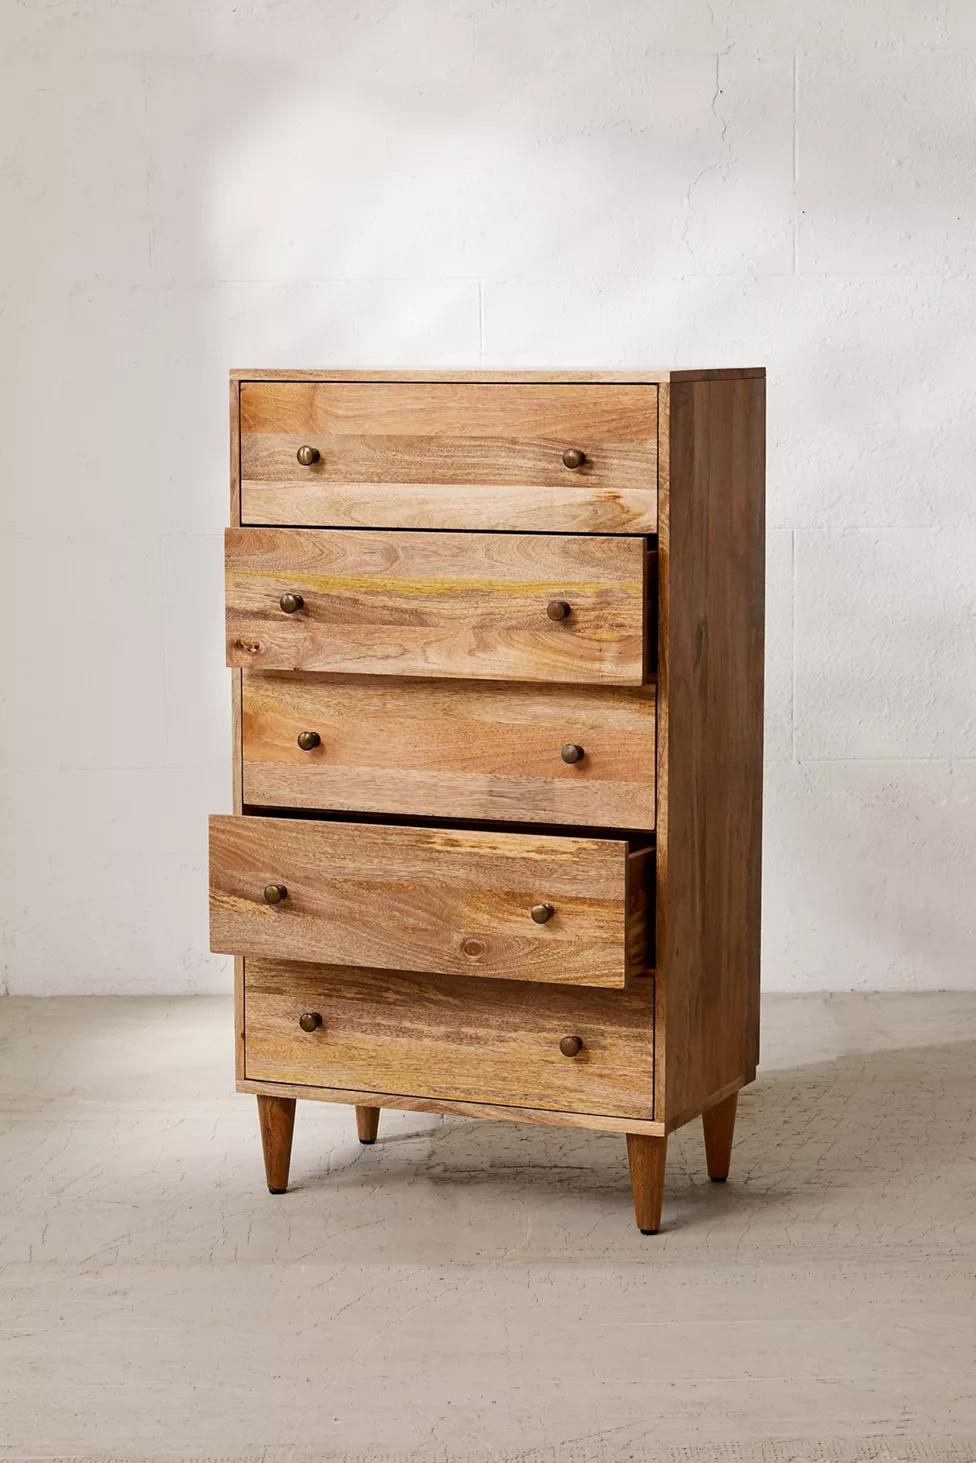 Amelia Tall Dresser In 2021 Tall Dresser Dresser Natural Wood Dresser [ 1463 x 976 Pixel ]